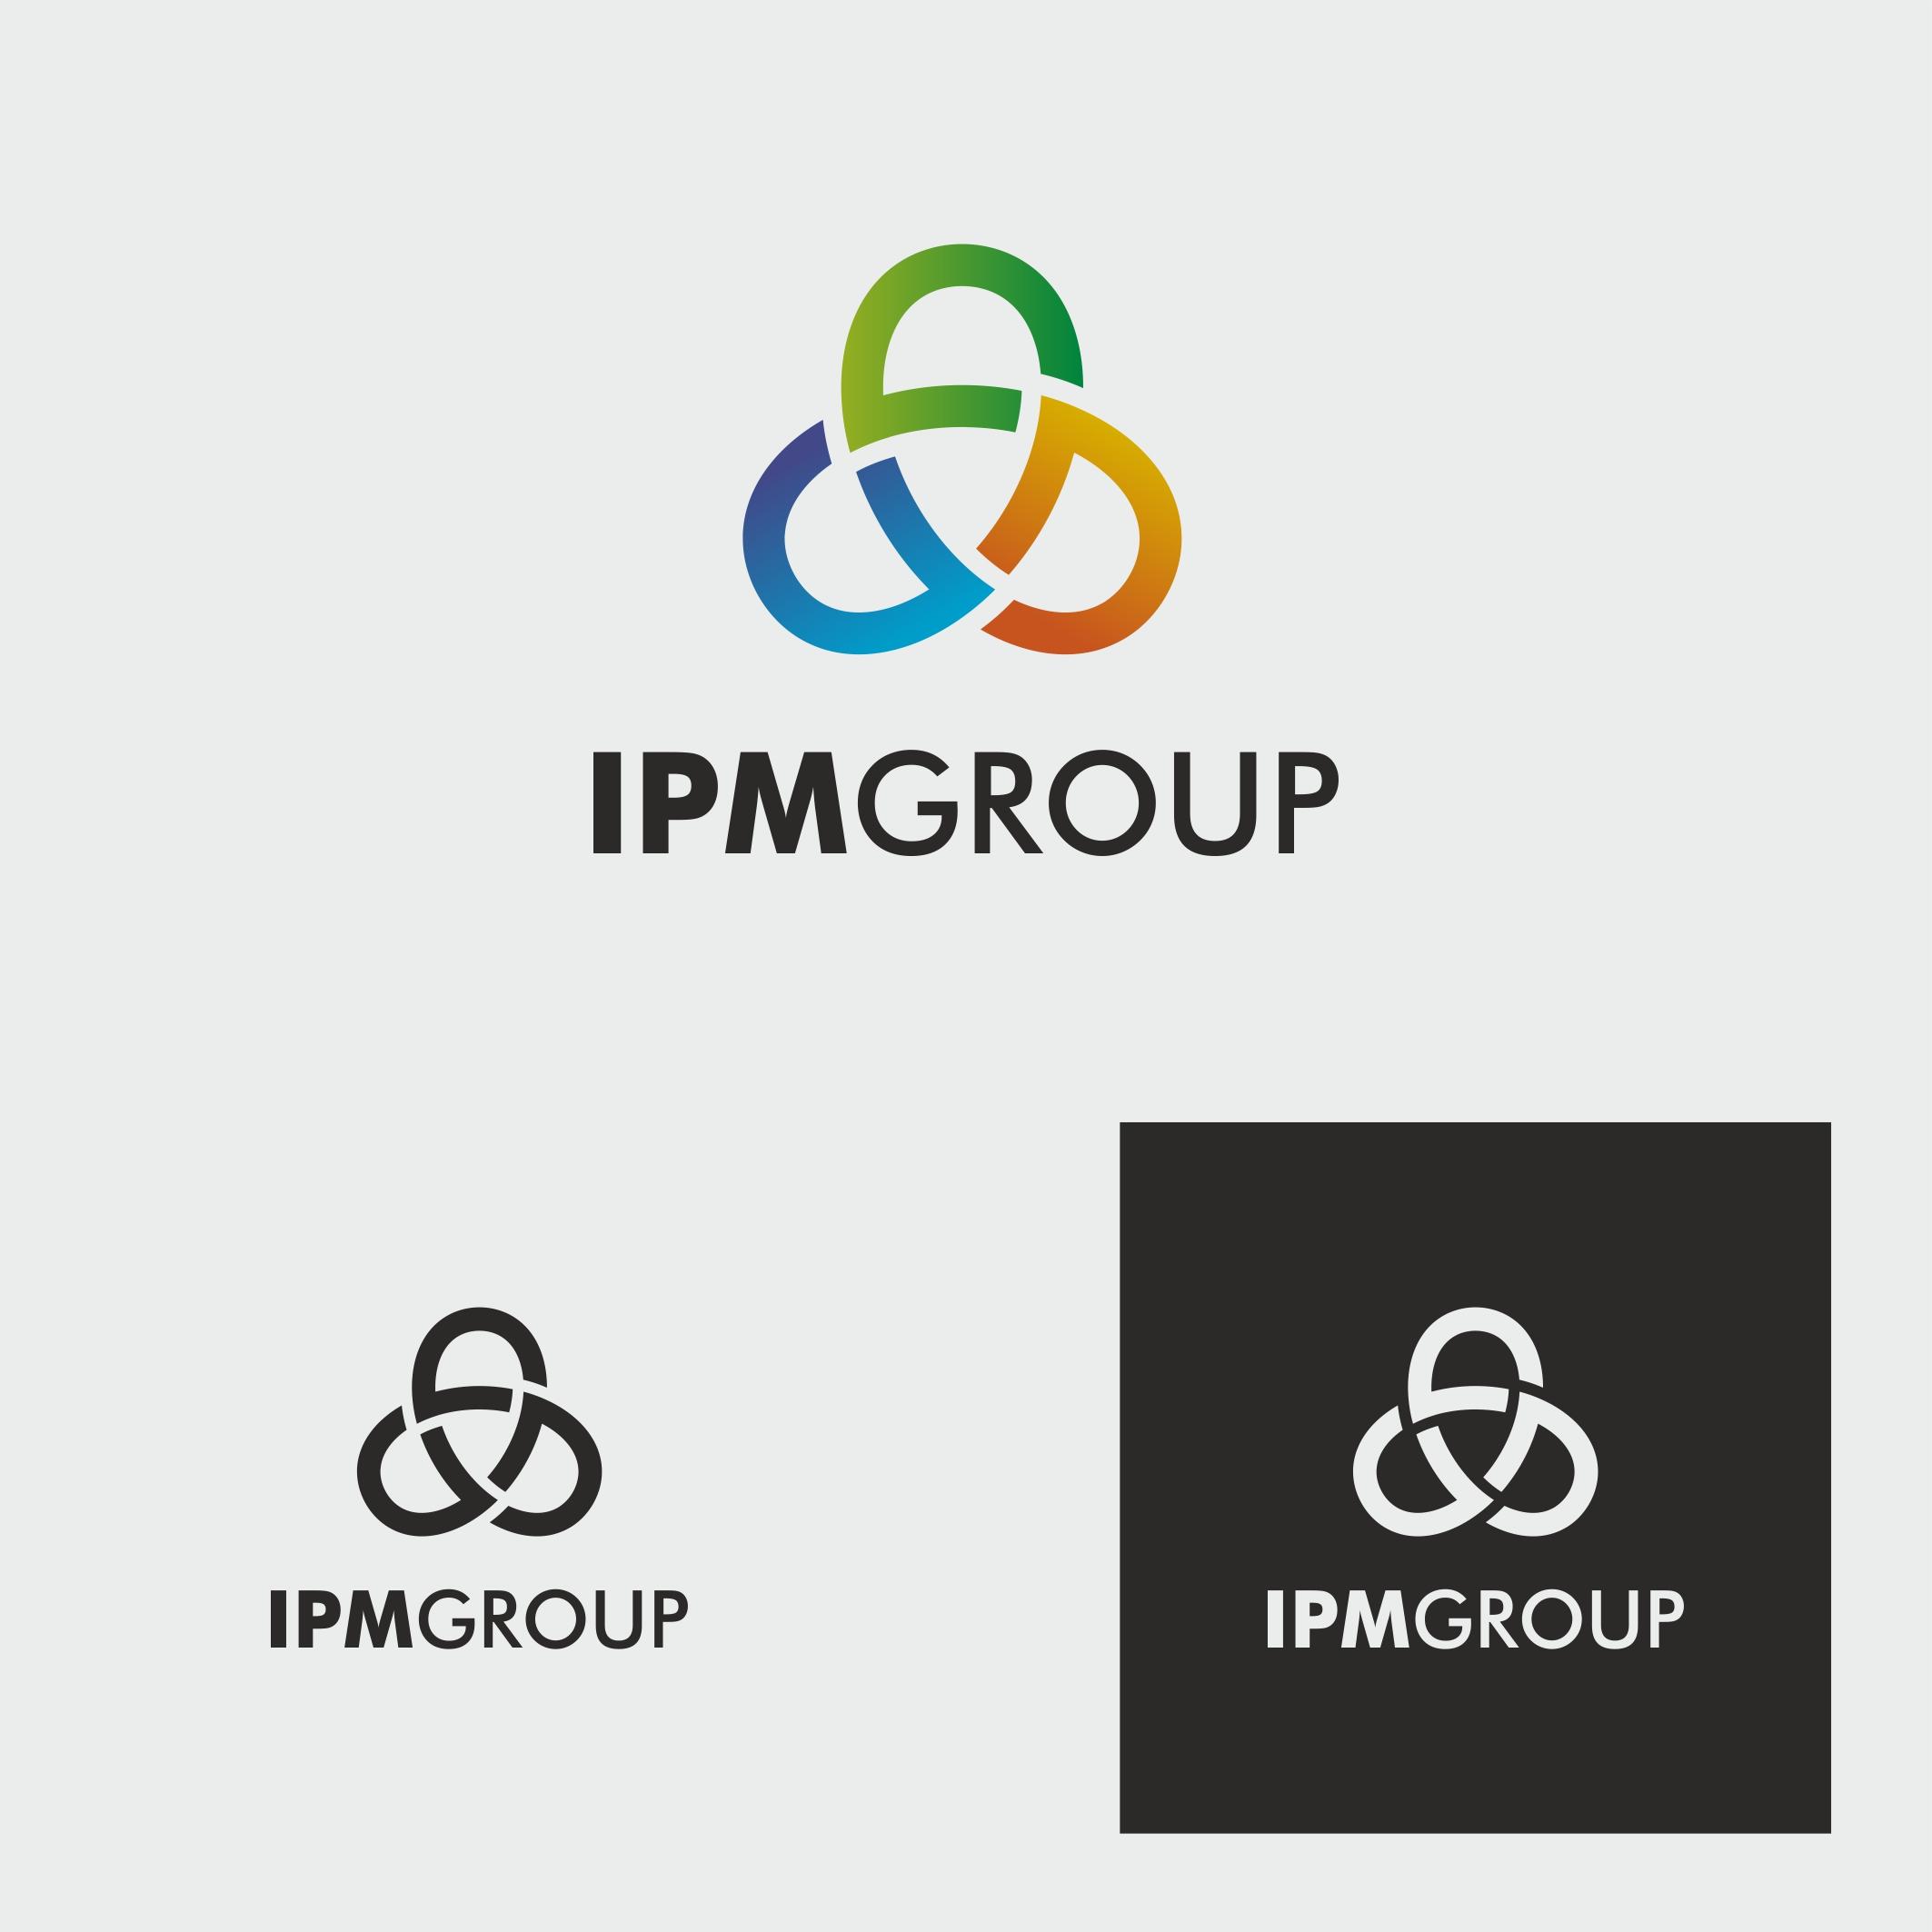 Разработка логотипа для управляющей компании фото f_5575f8373de1dcde.jpg